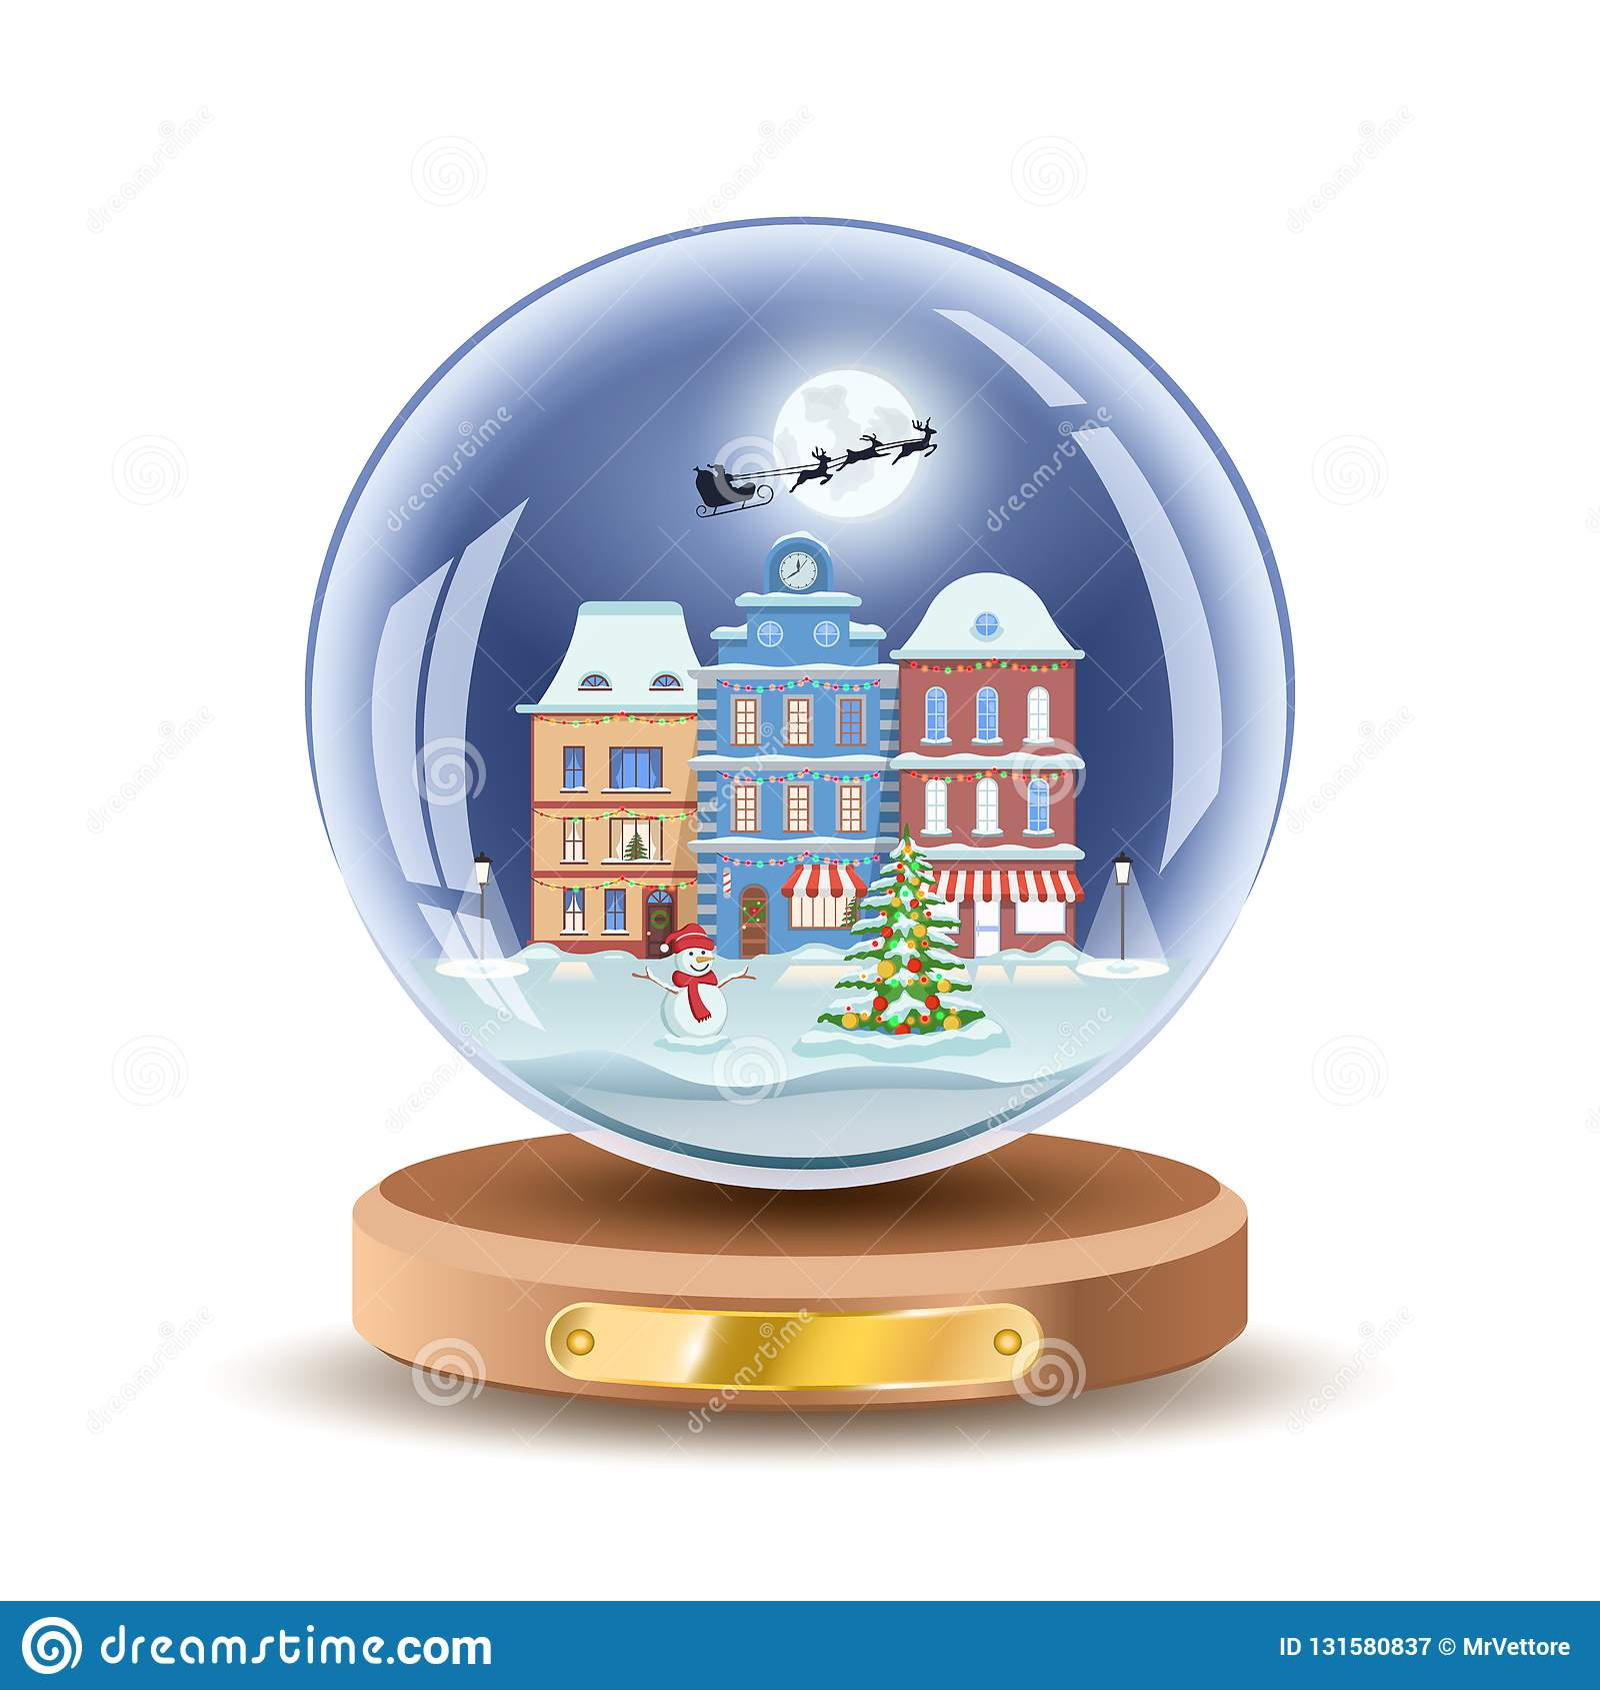 Σφαίρα χιονιού Χριστουγέννων με τα μικρού χωριού σπίτια Διανυσματικό illusrtation σφαιρών γυαλιού δώρων Χριστουγέννων Απομονωμένο